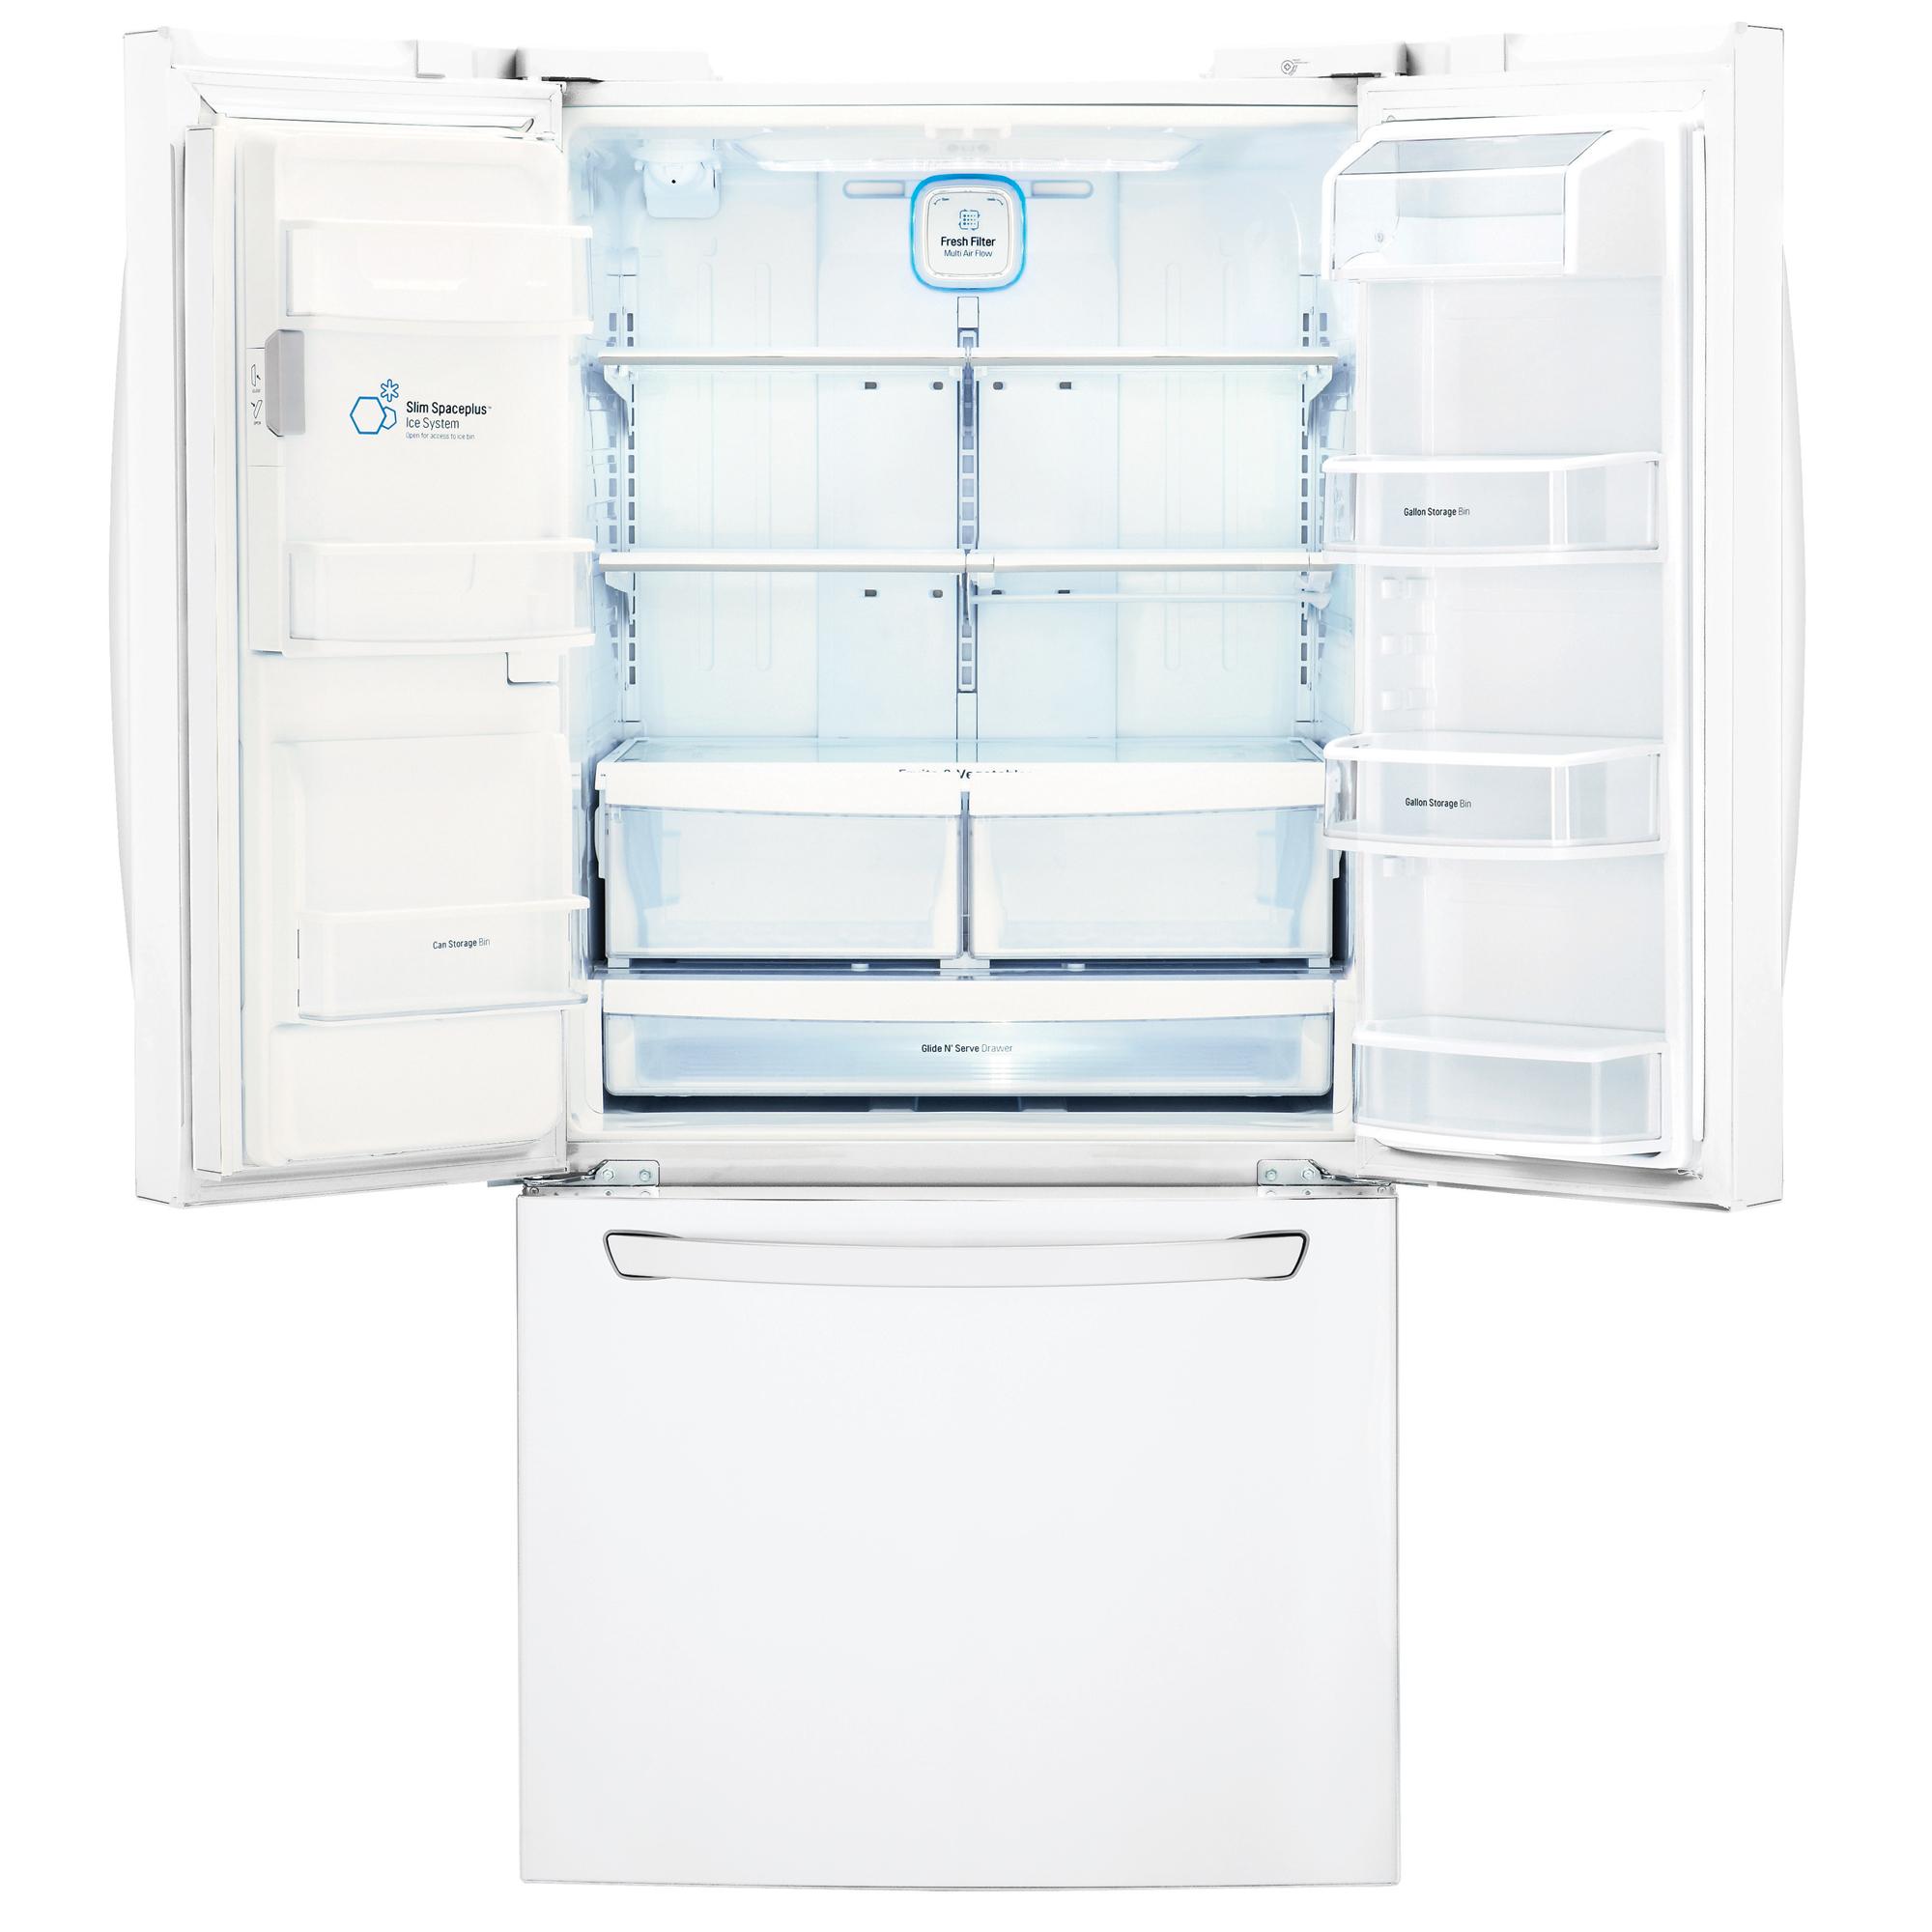 """LG LFXS24623W LFXS24623W 24.2 cu.ft. Capacity French Door Refrigerator w/ Ice & Water (33"""" Width)"""